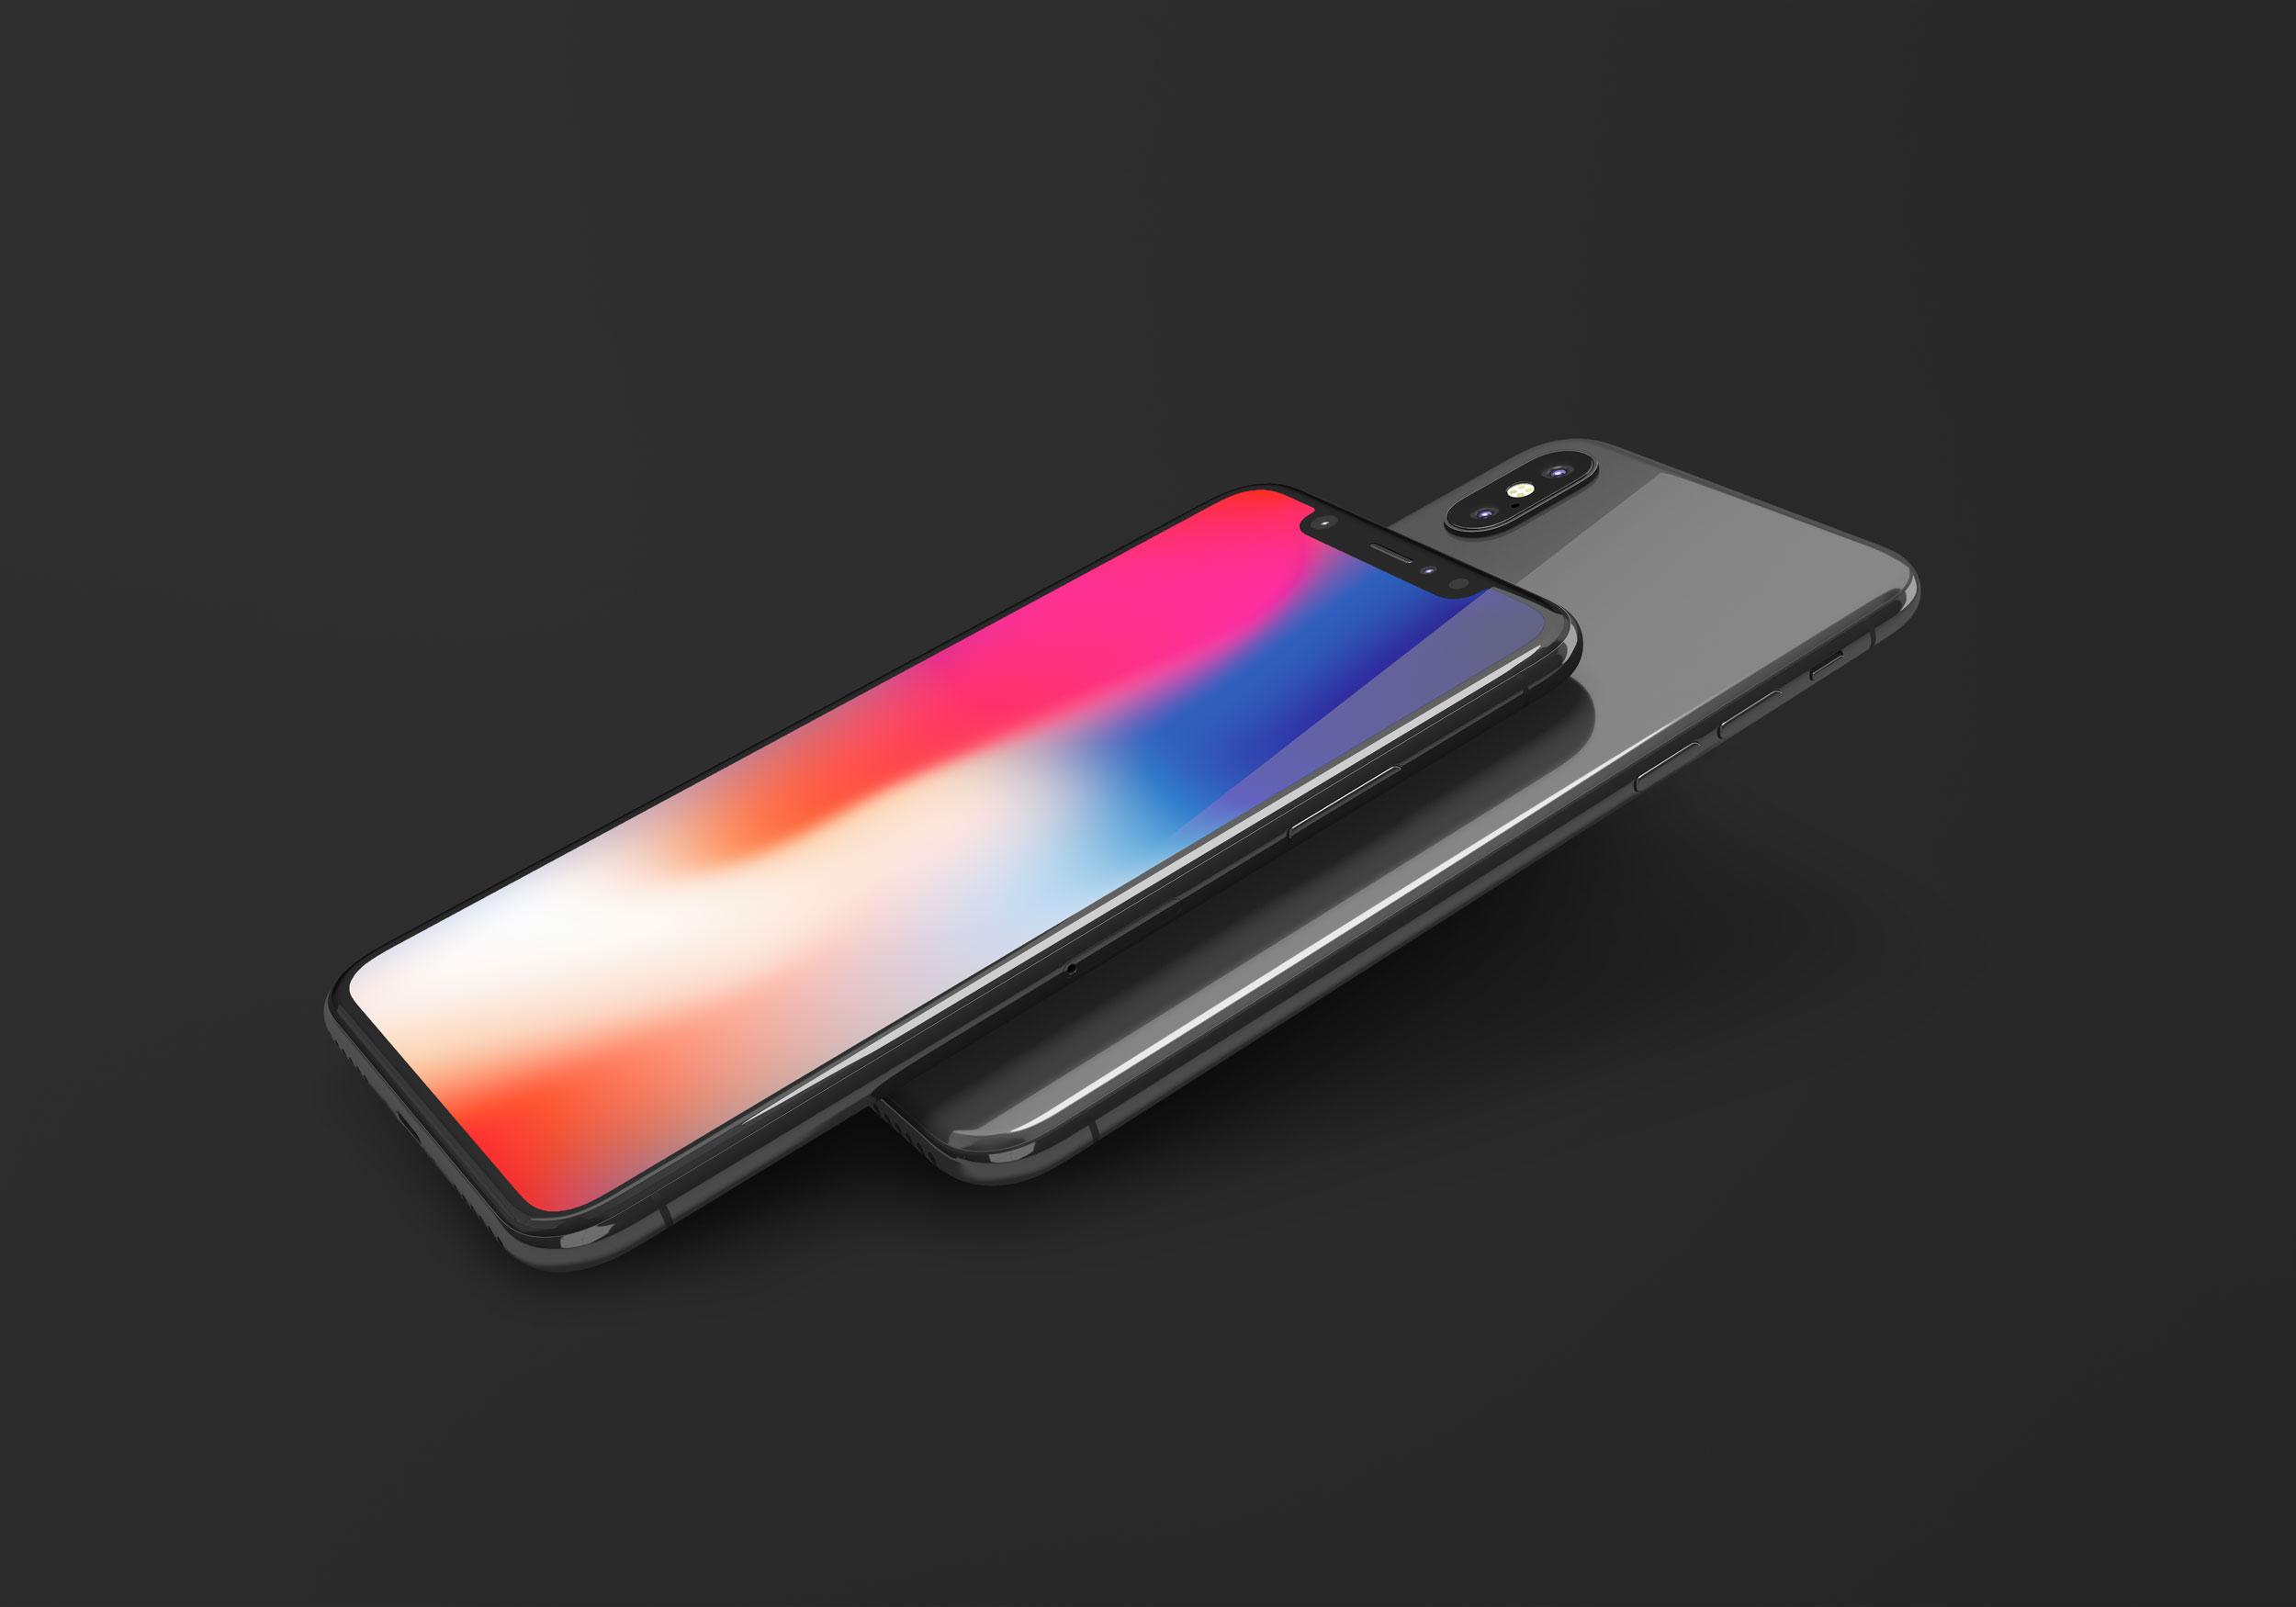 ad2372a42b53325 - 苹果iPhoneX UI样机